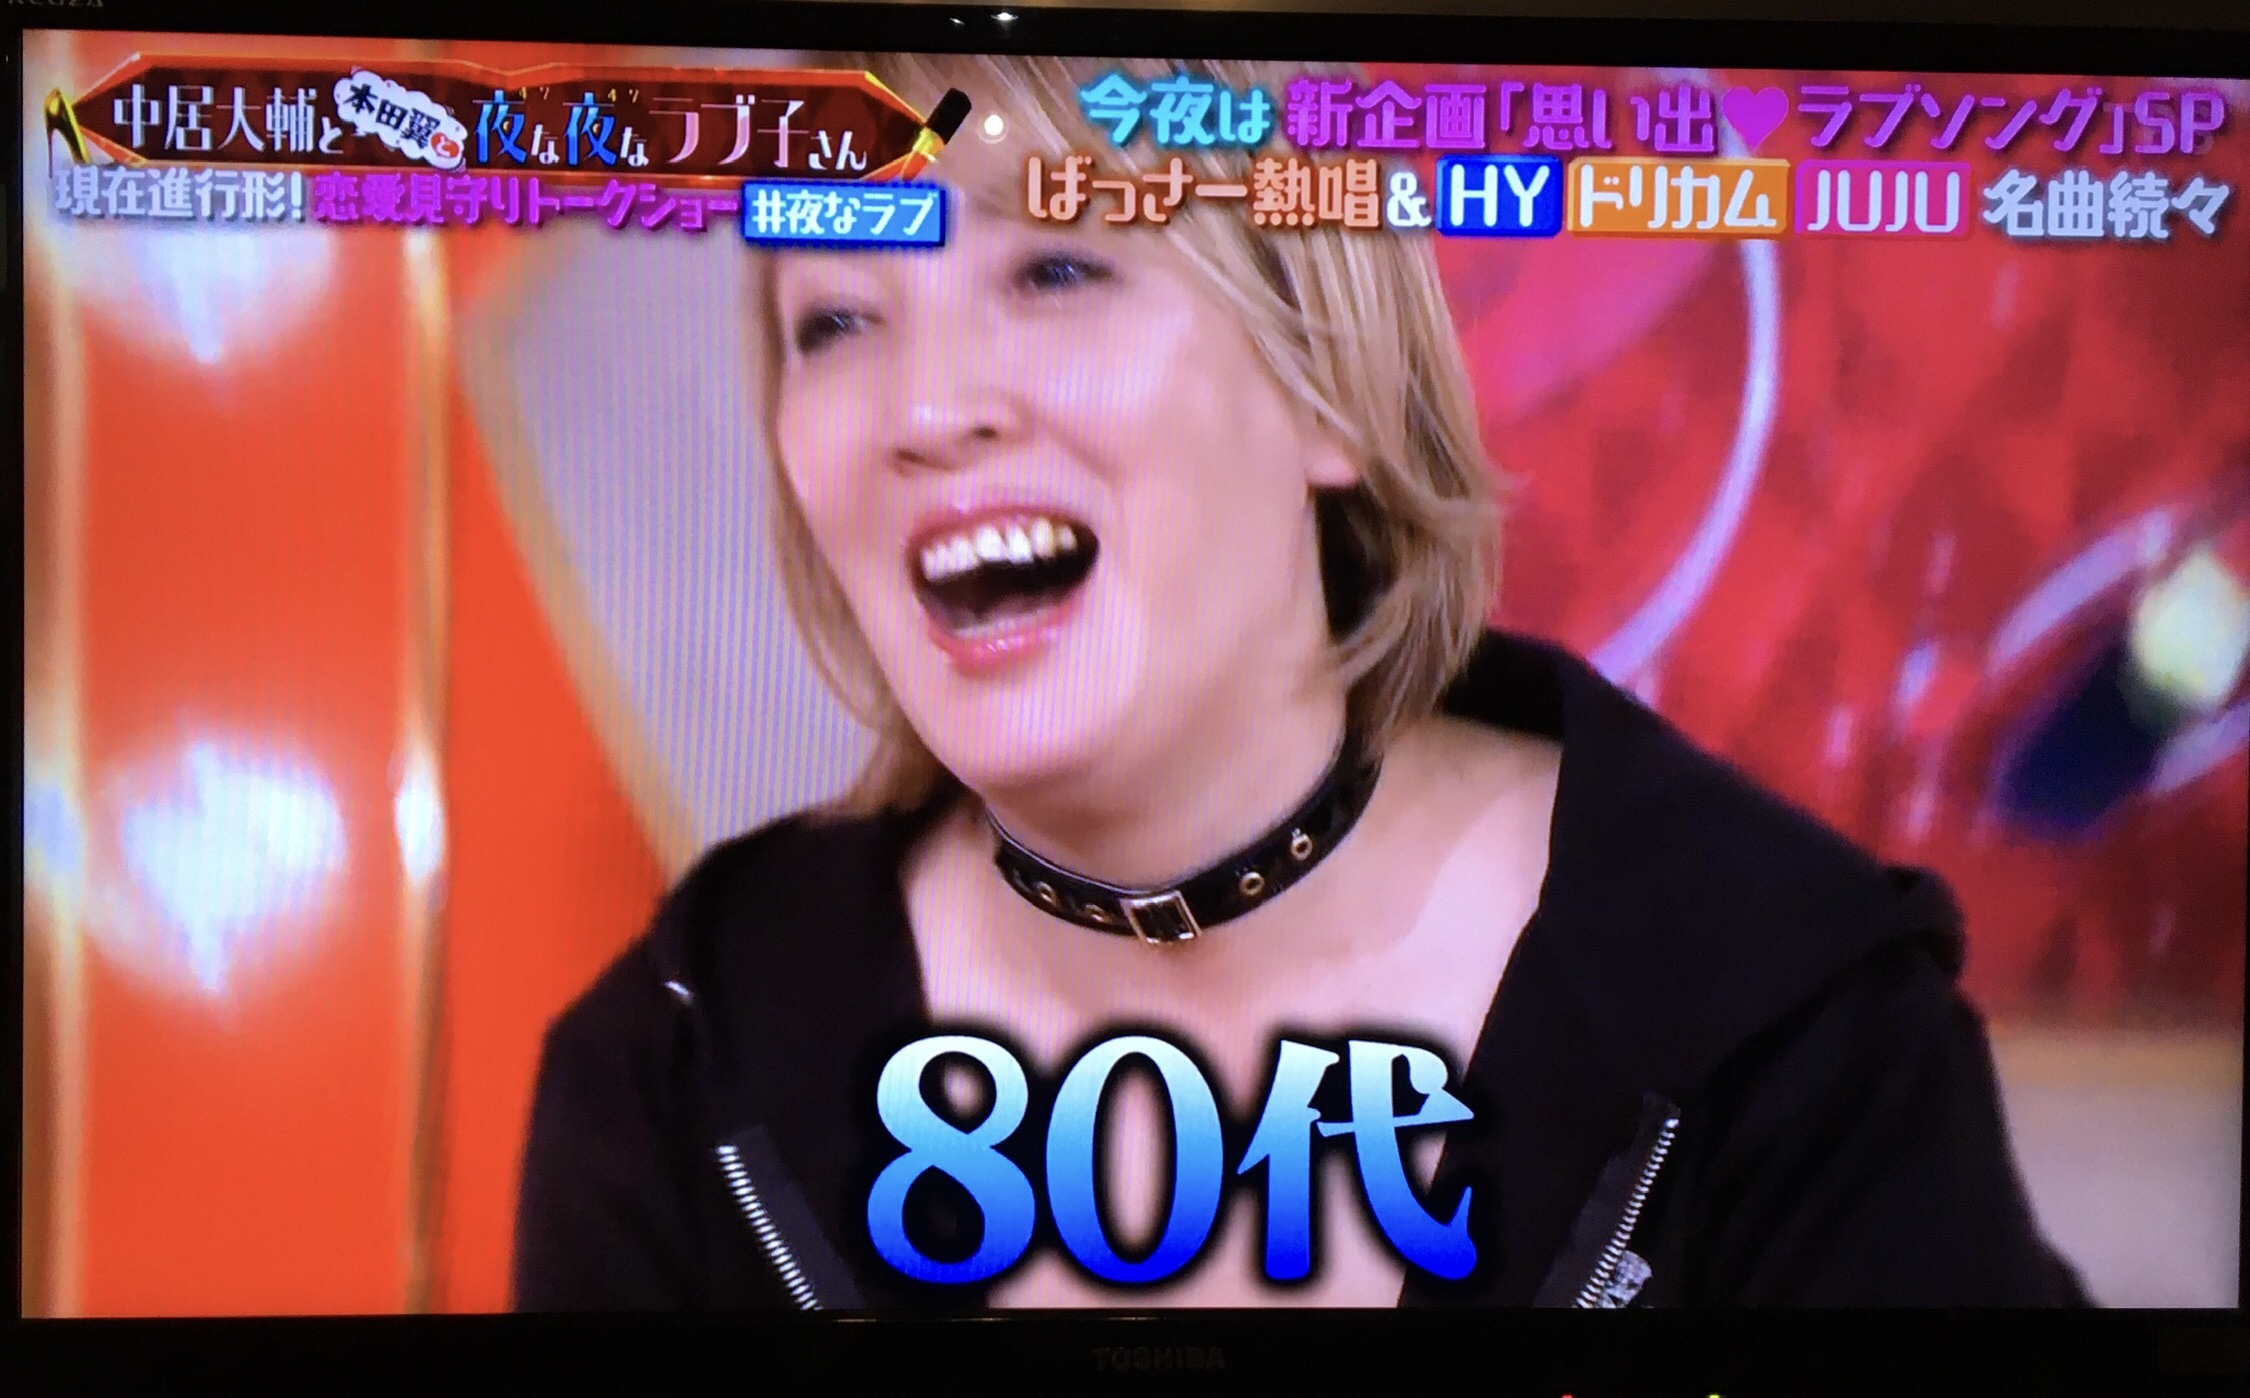 OZアカデミー女子プロレス尾崎選手の写真ラブ子出演時